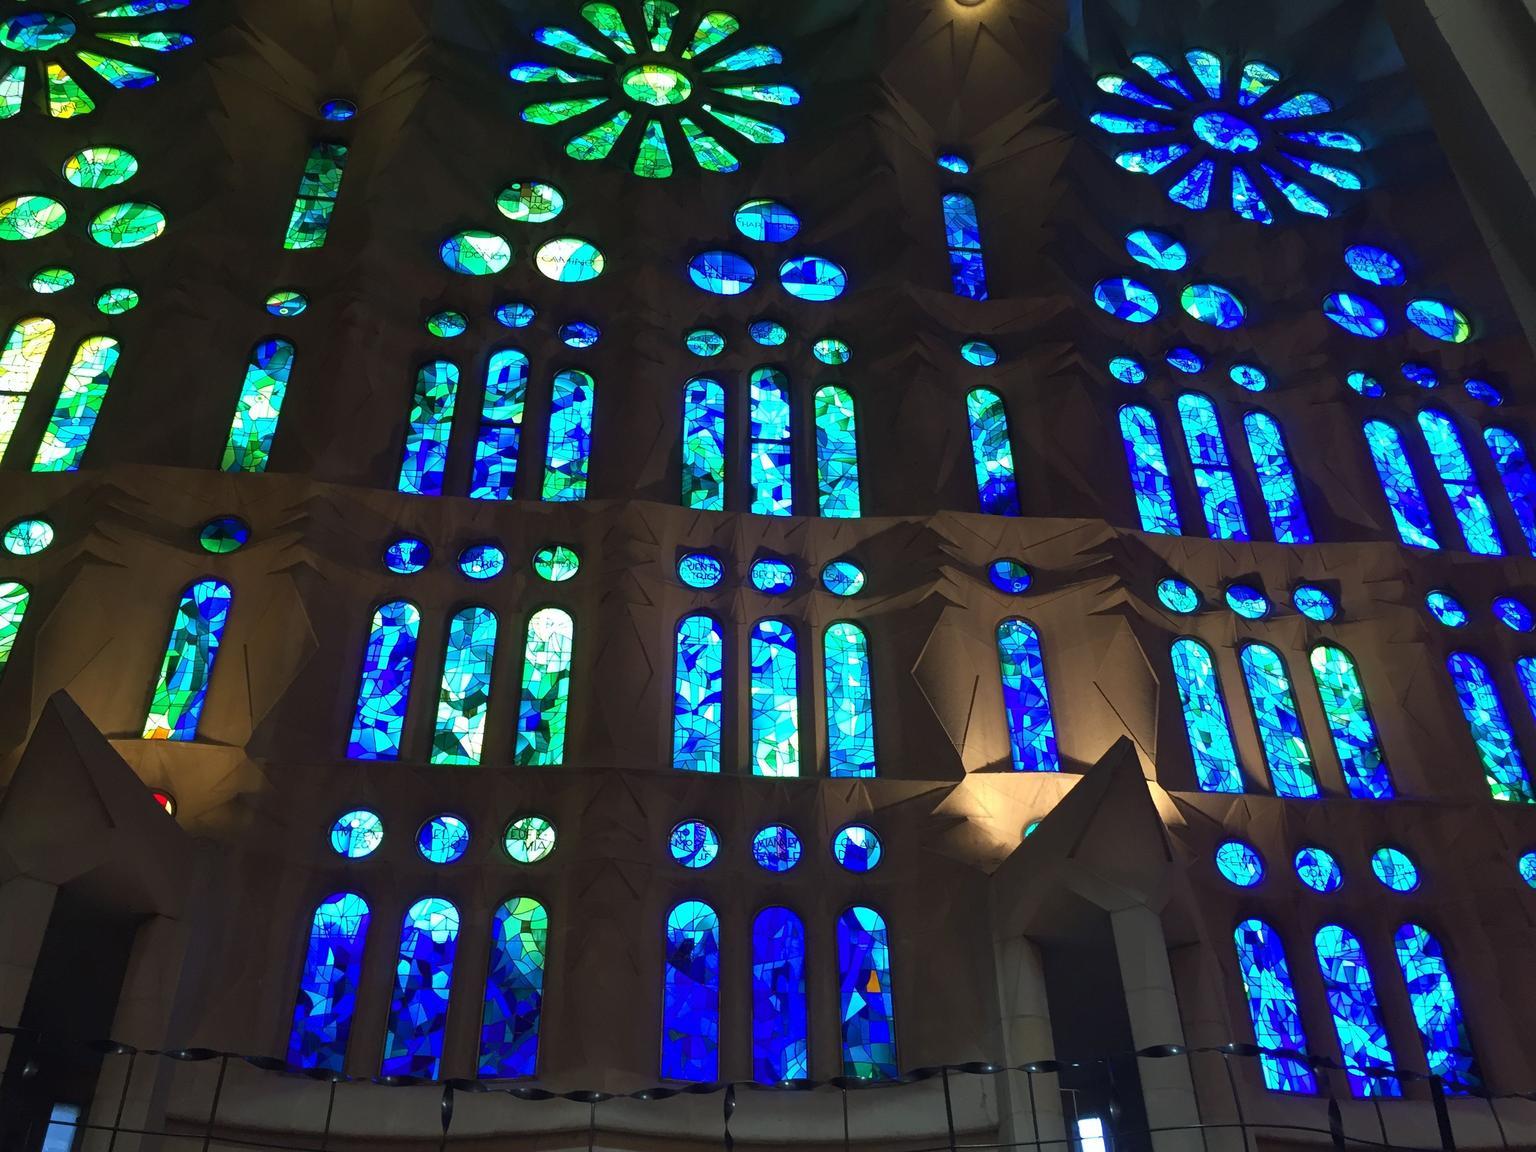 MÁS FOTOS, Acceso prioritario: Visita a la Sagrada Familia de Barcelona